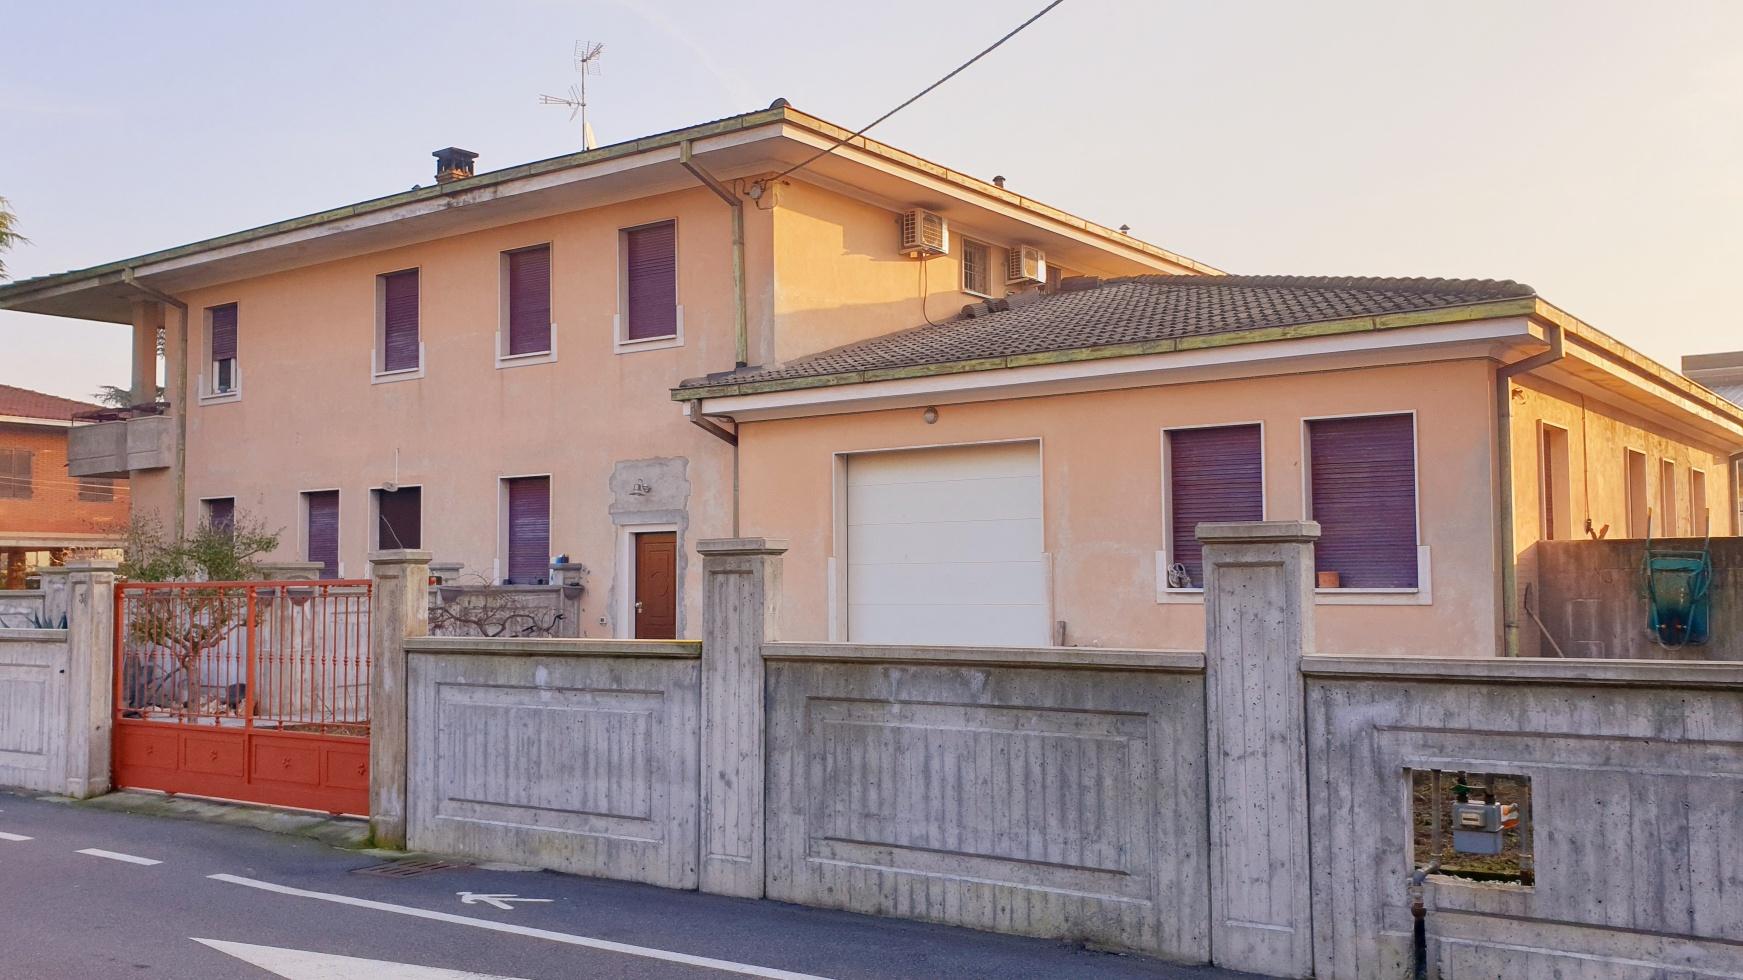 Villa Bifamiliare in vendita a Ospitaletto, 2 locali, prezzo € 68.000   PortaleAgenzieImmobiliari.it